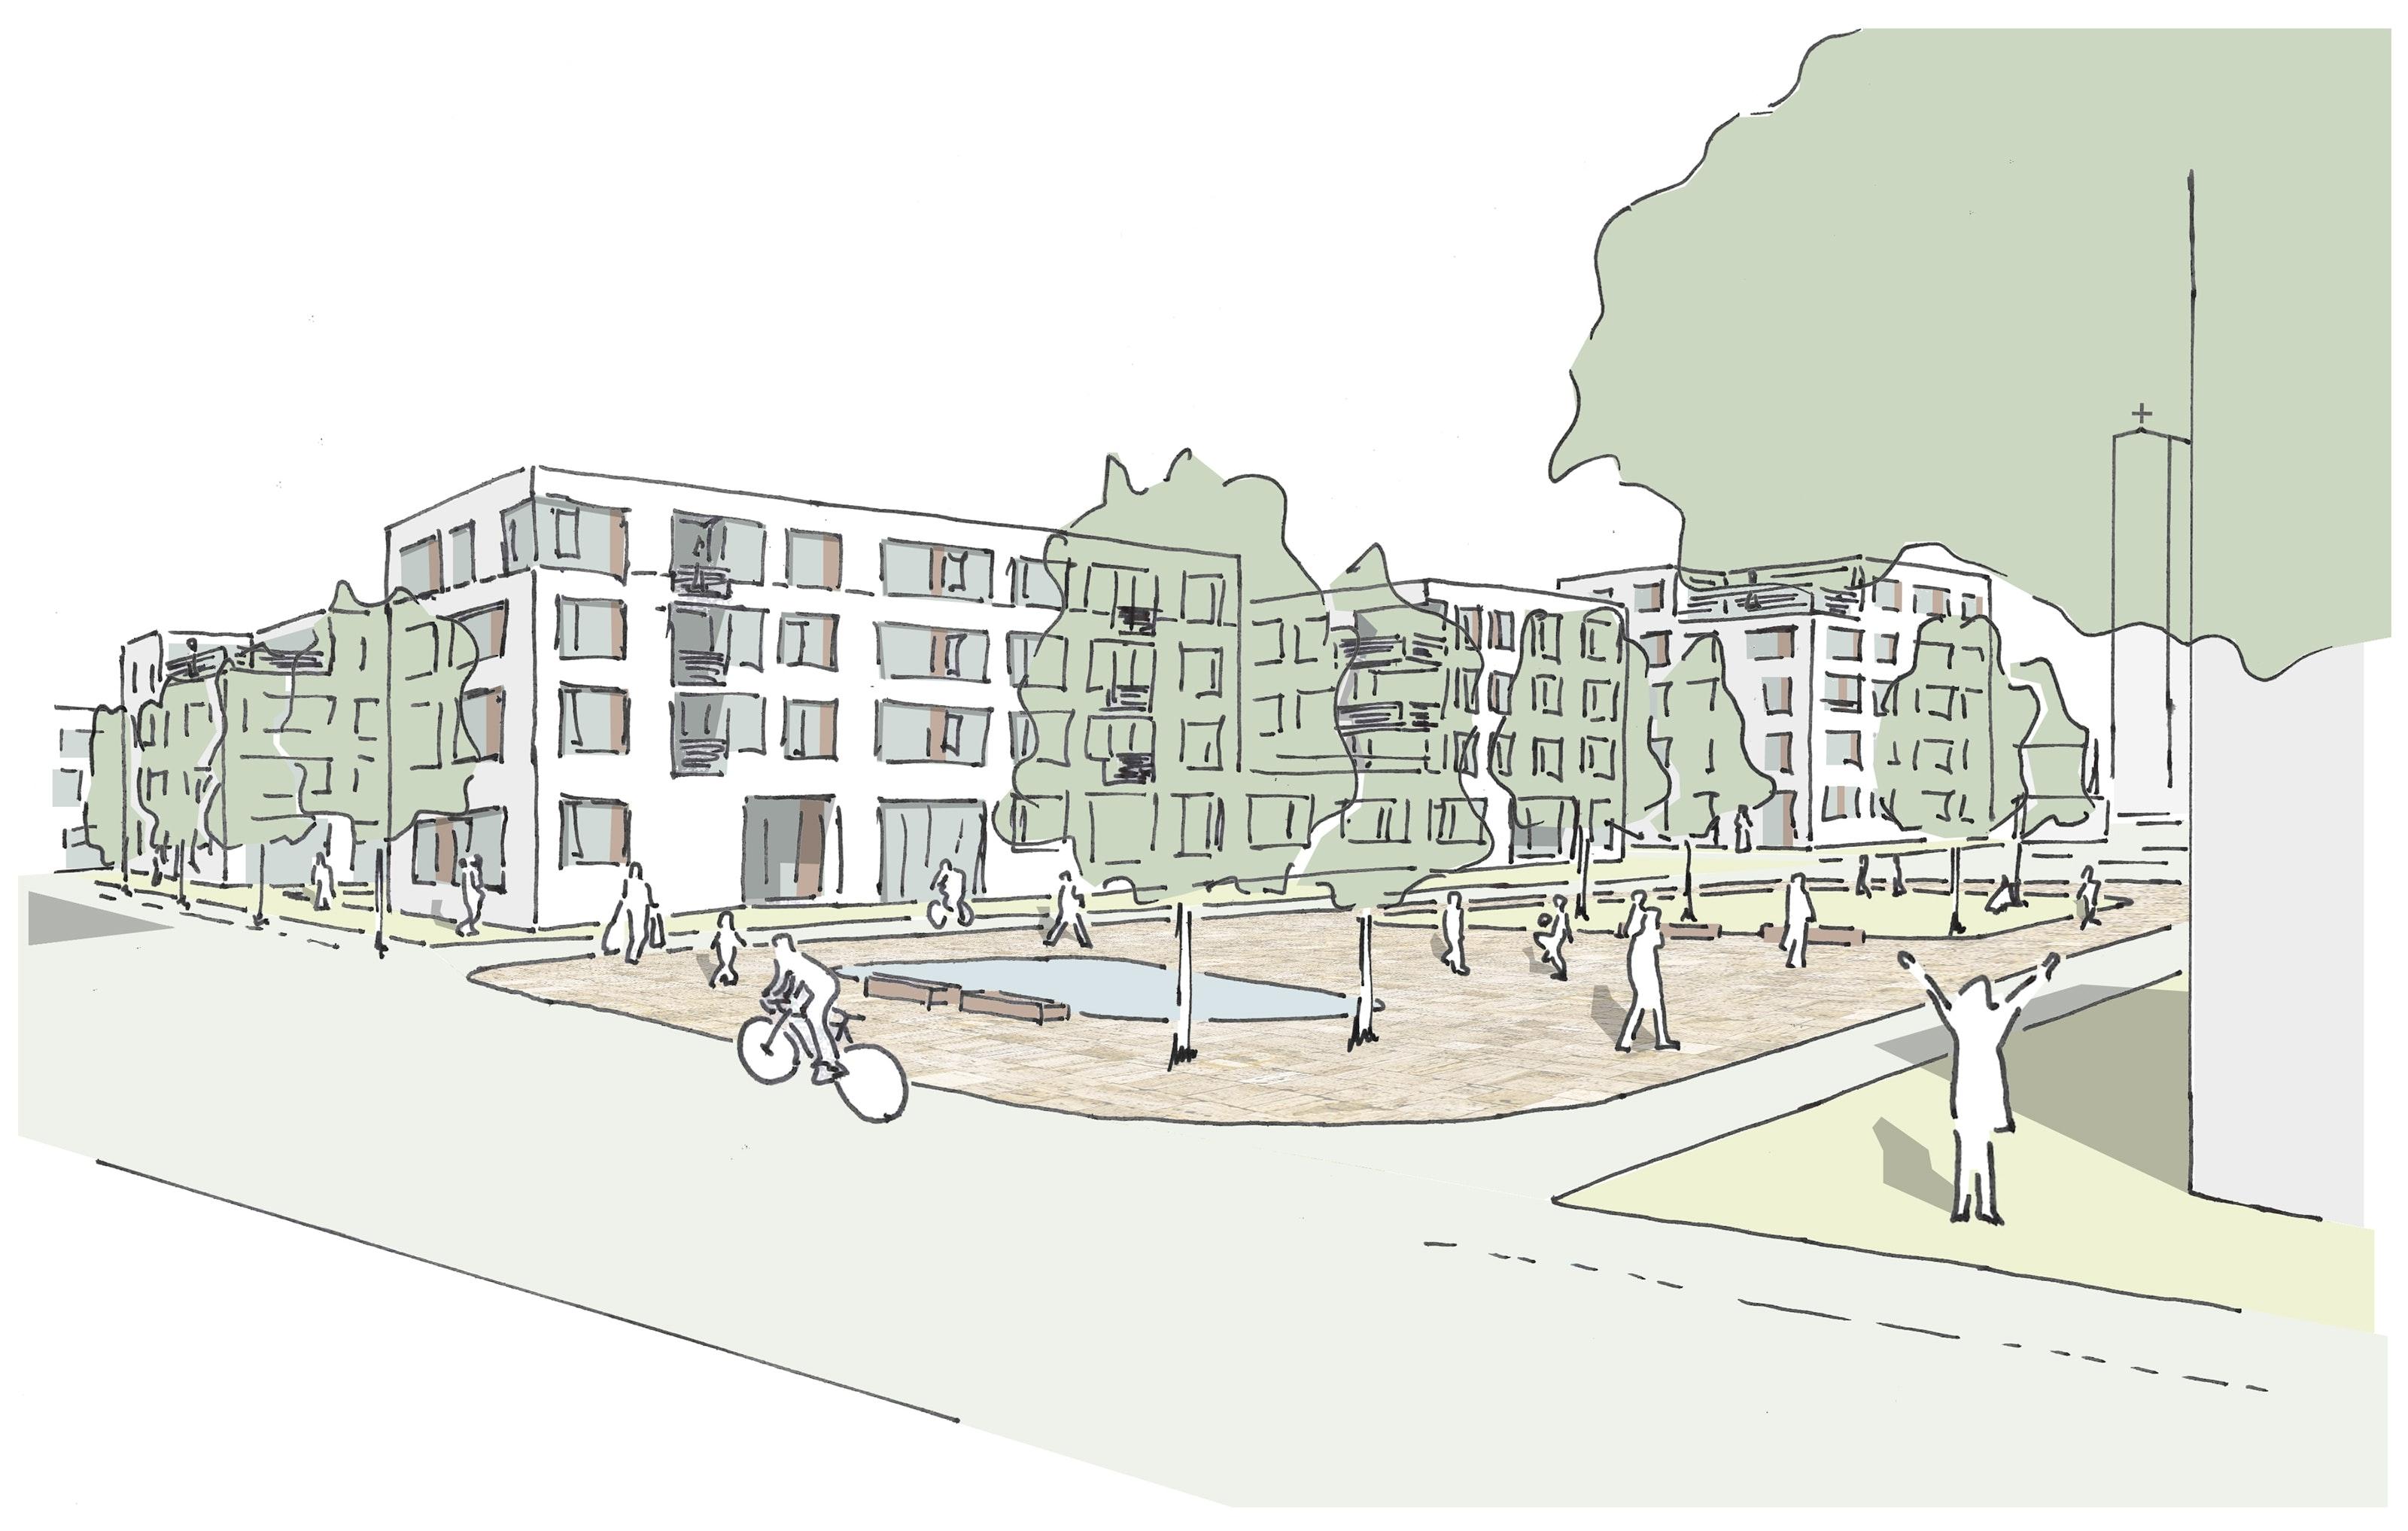 Erster Preis: Entwurf für die Quartiersmitte von K9 Architekten mit faktorgruen Landschaftsplaner.